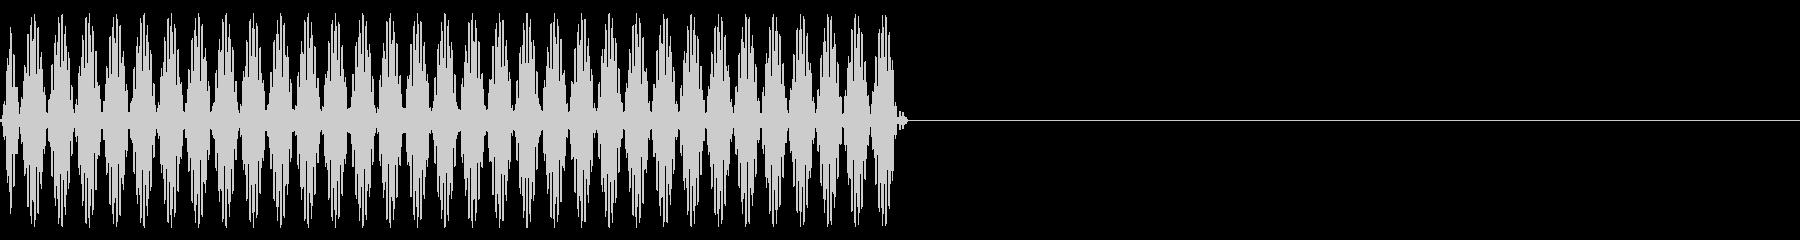 『ピッ』電話のプッシュ音(*)-単音の未再生の波形